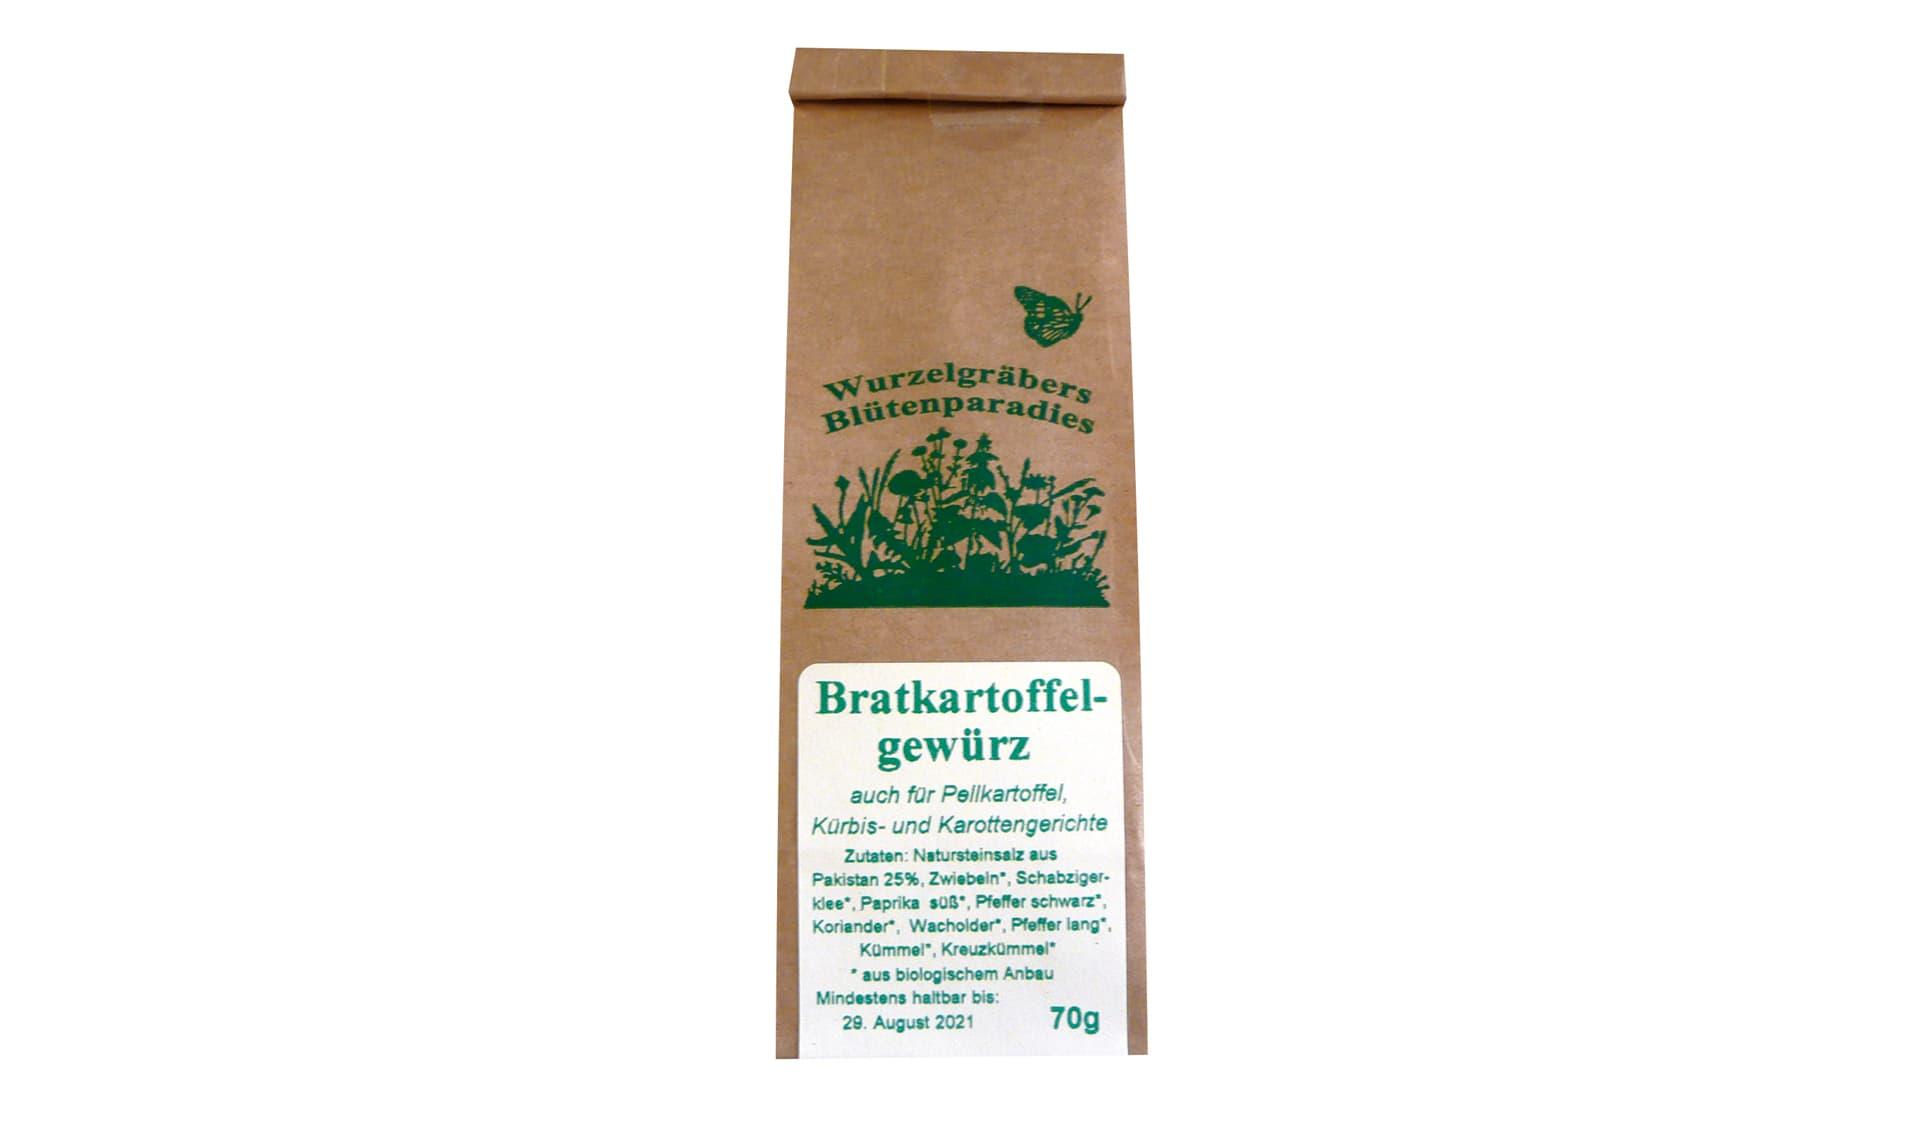 Wurzelgräbers Blütenparadies Bratkartoffelgewürz (www.wurdies.de)